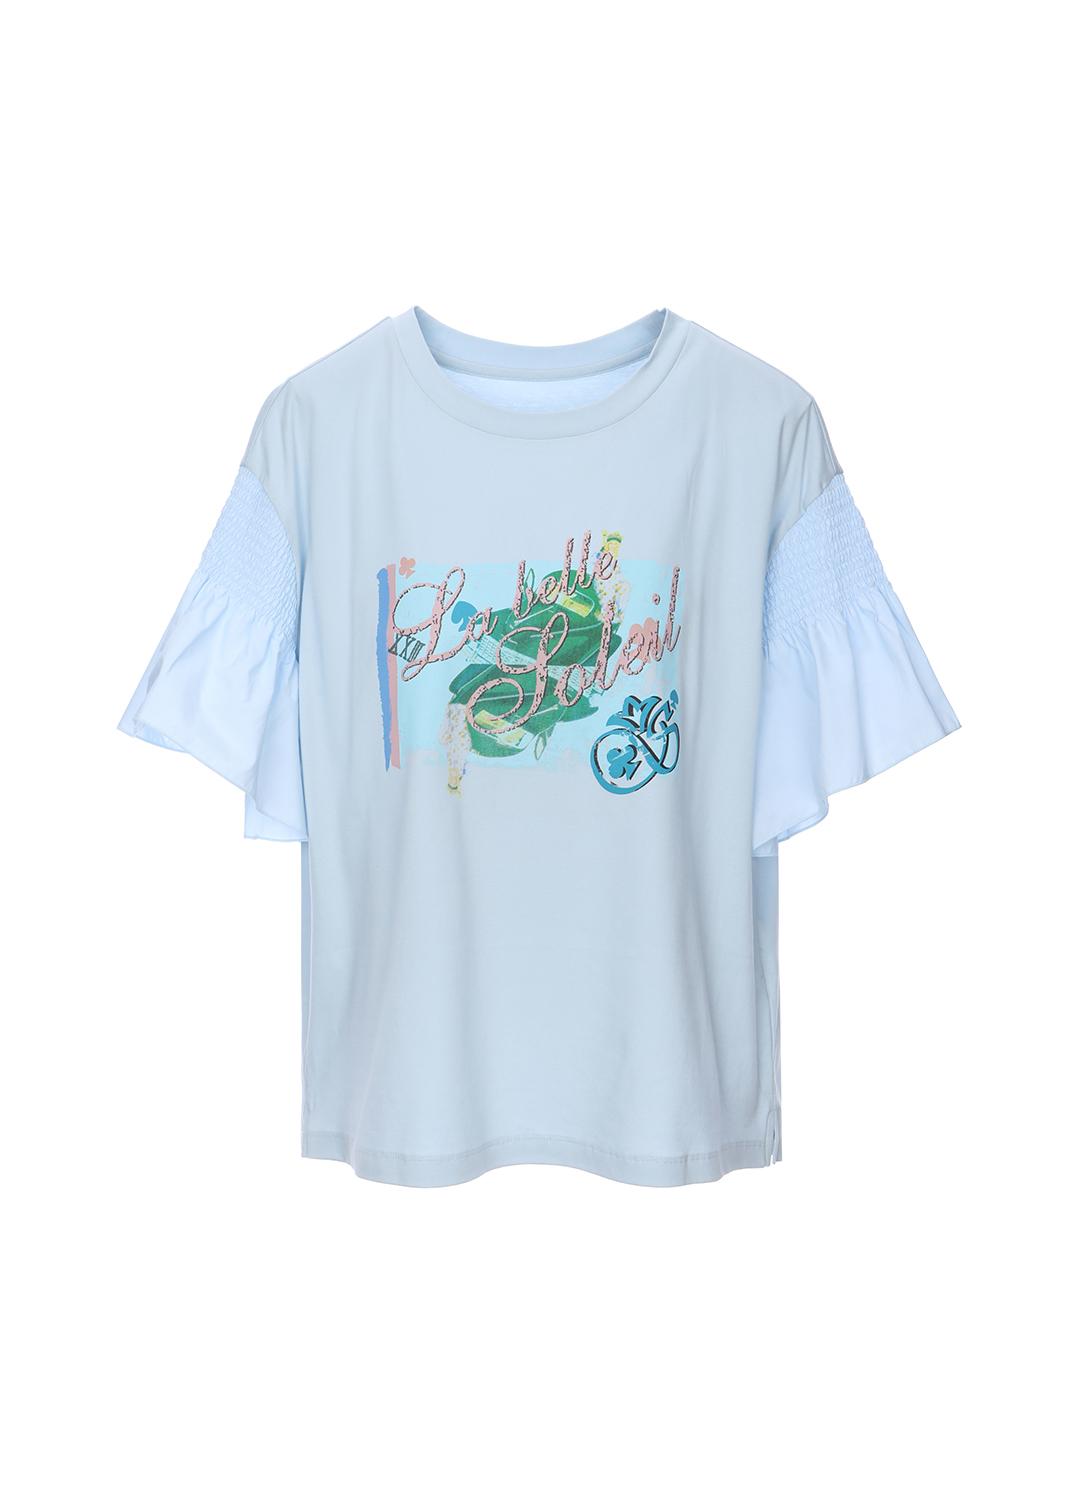 프릴소매 반팔 티셔츠